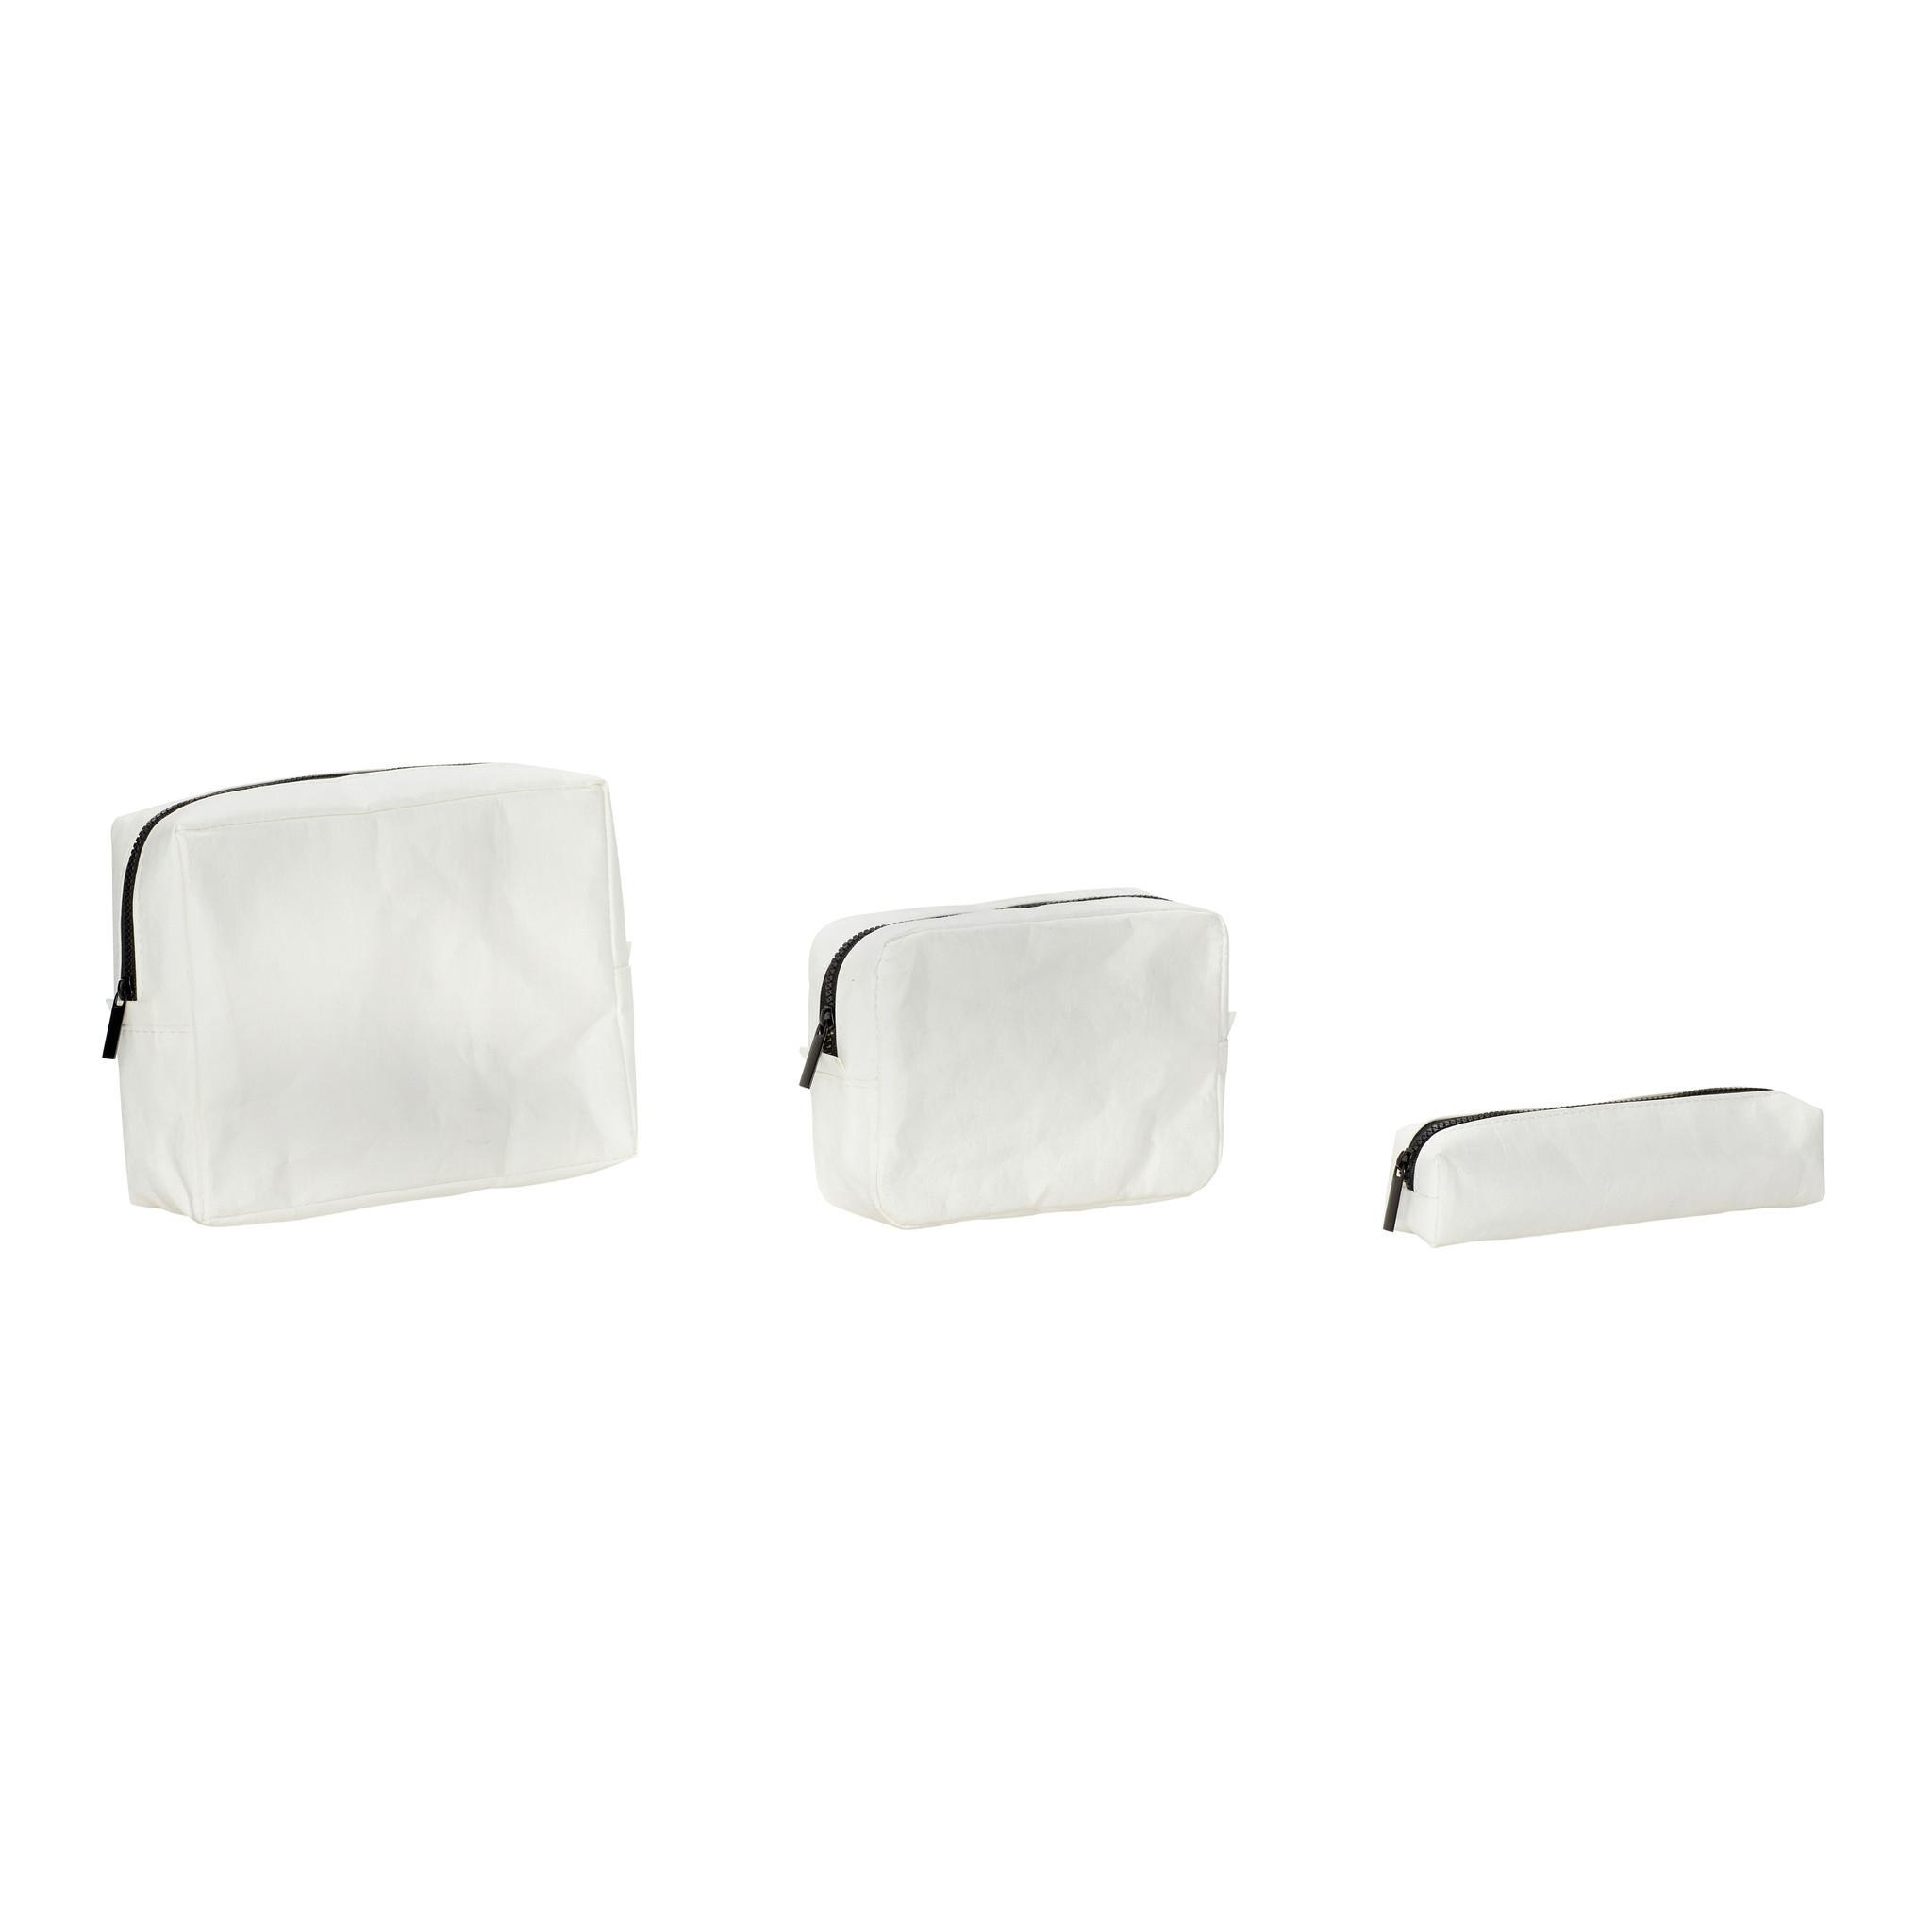 Hubsch Etui, vierkant, wasbaar papier, wit, set van 3